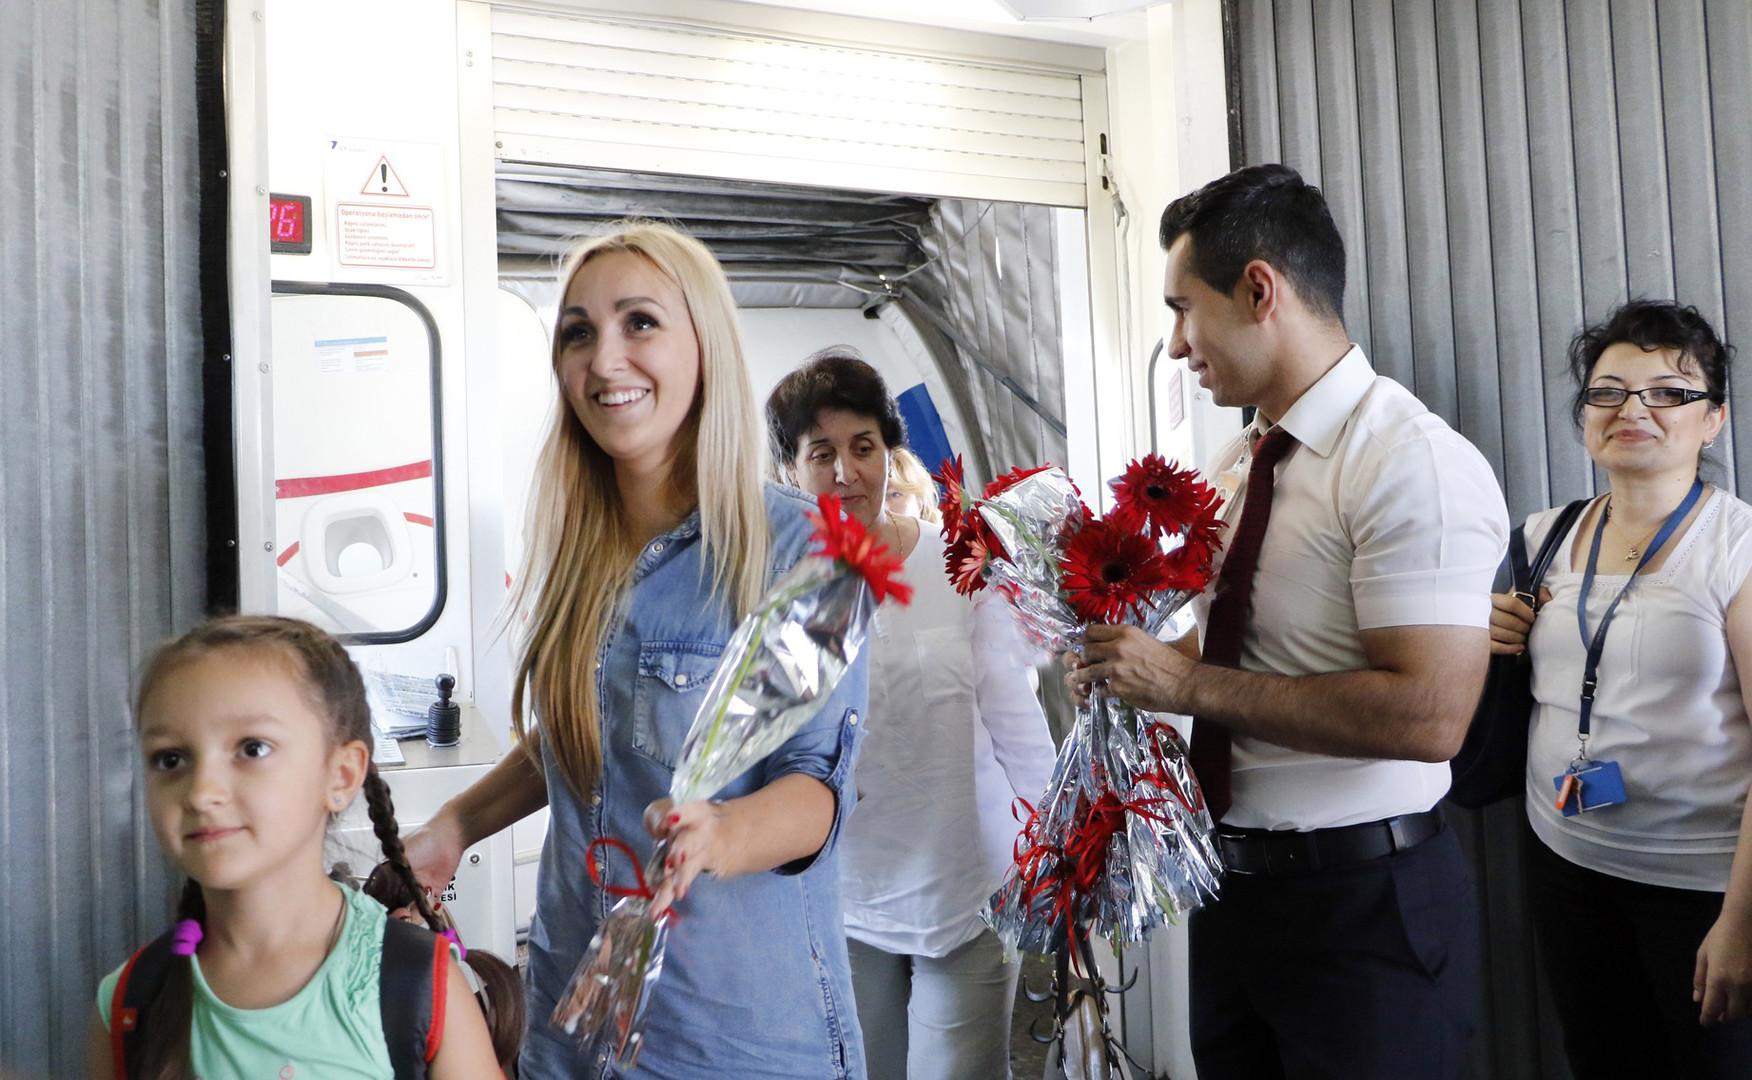 Россияне возвращаются в Турцию. Работники аэропорта в Анталье встречают туристов, прибывших из России.